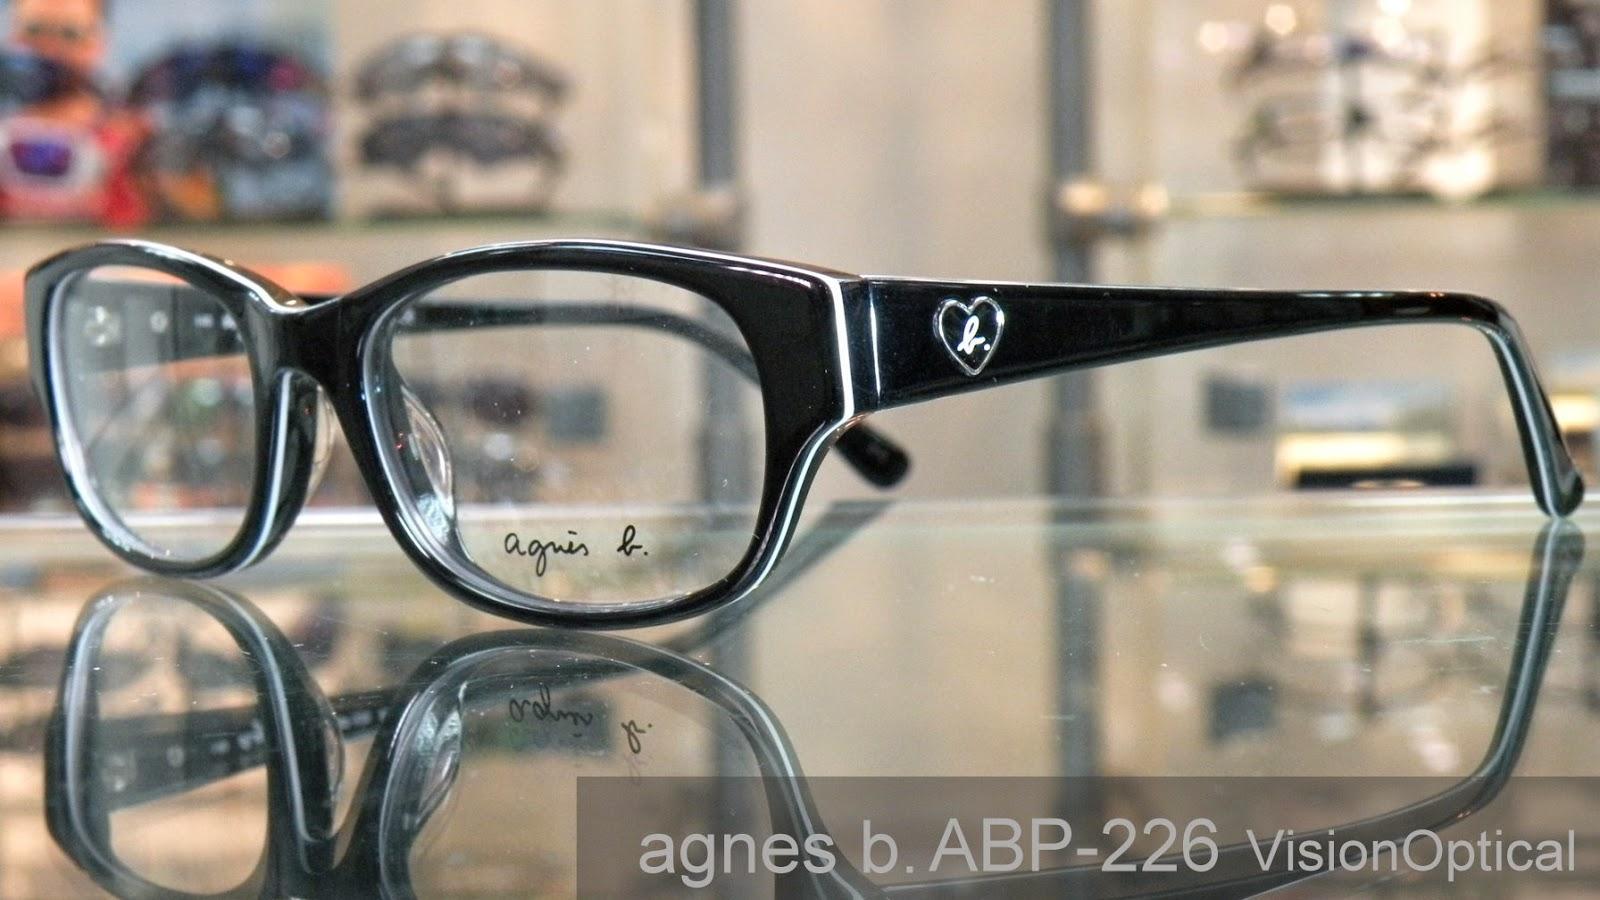 Agnes b. 眼鏡架